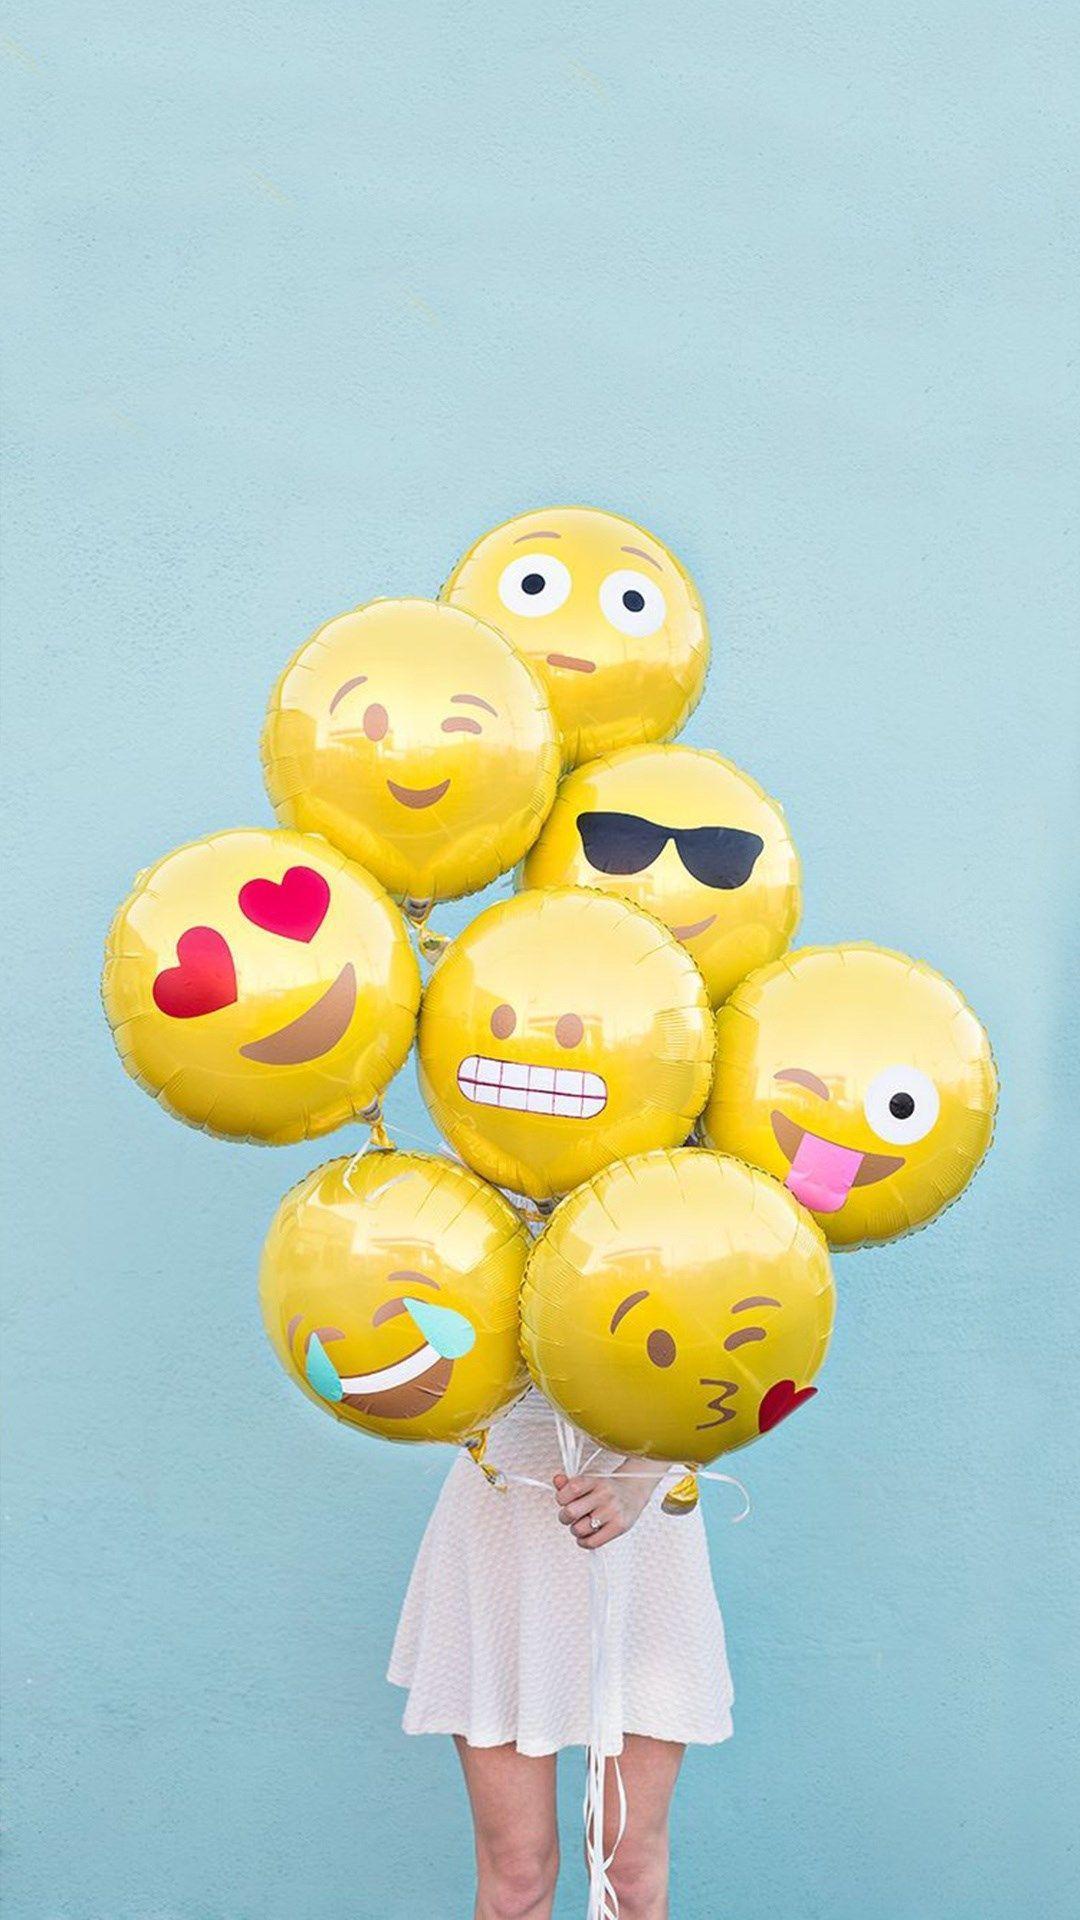 Cute Emoji Wallpapers - Wallpaper Cave